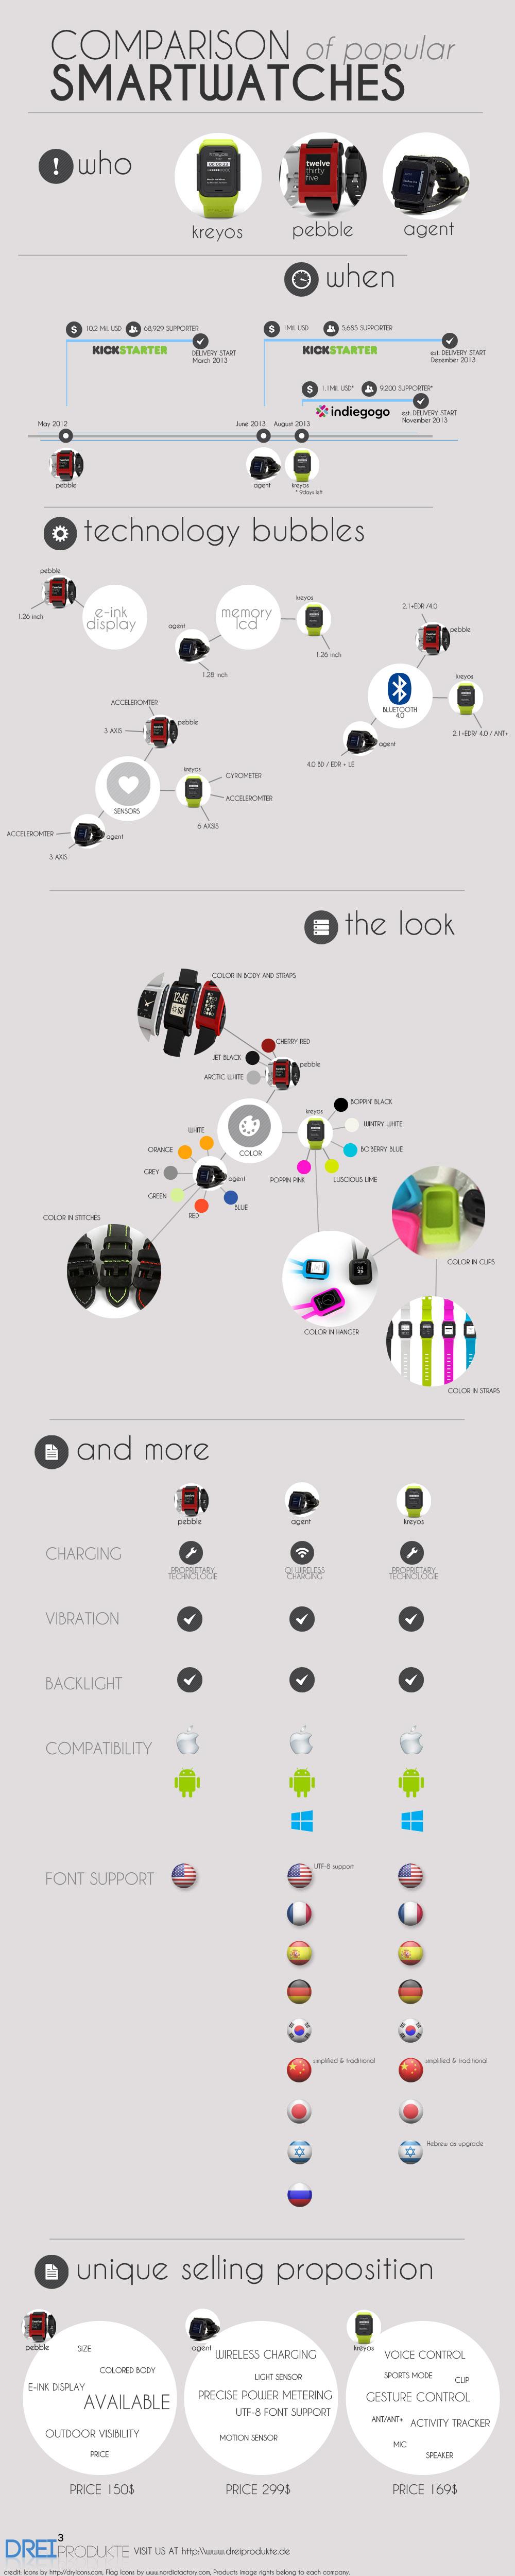 Infografik vergleicht die Pebble, Kreyos Meteor und die Agent